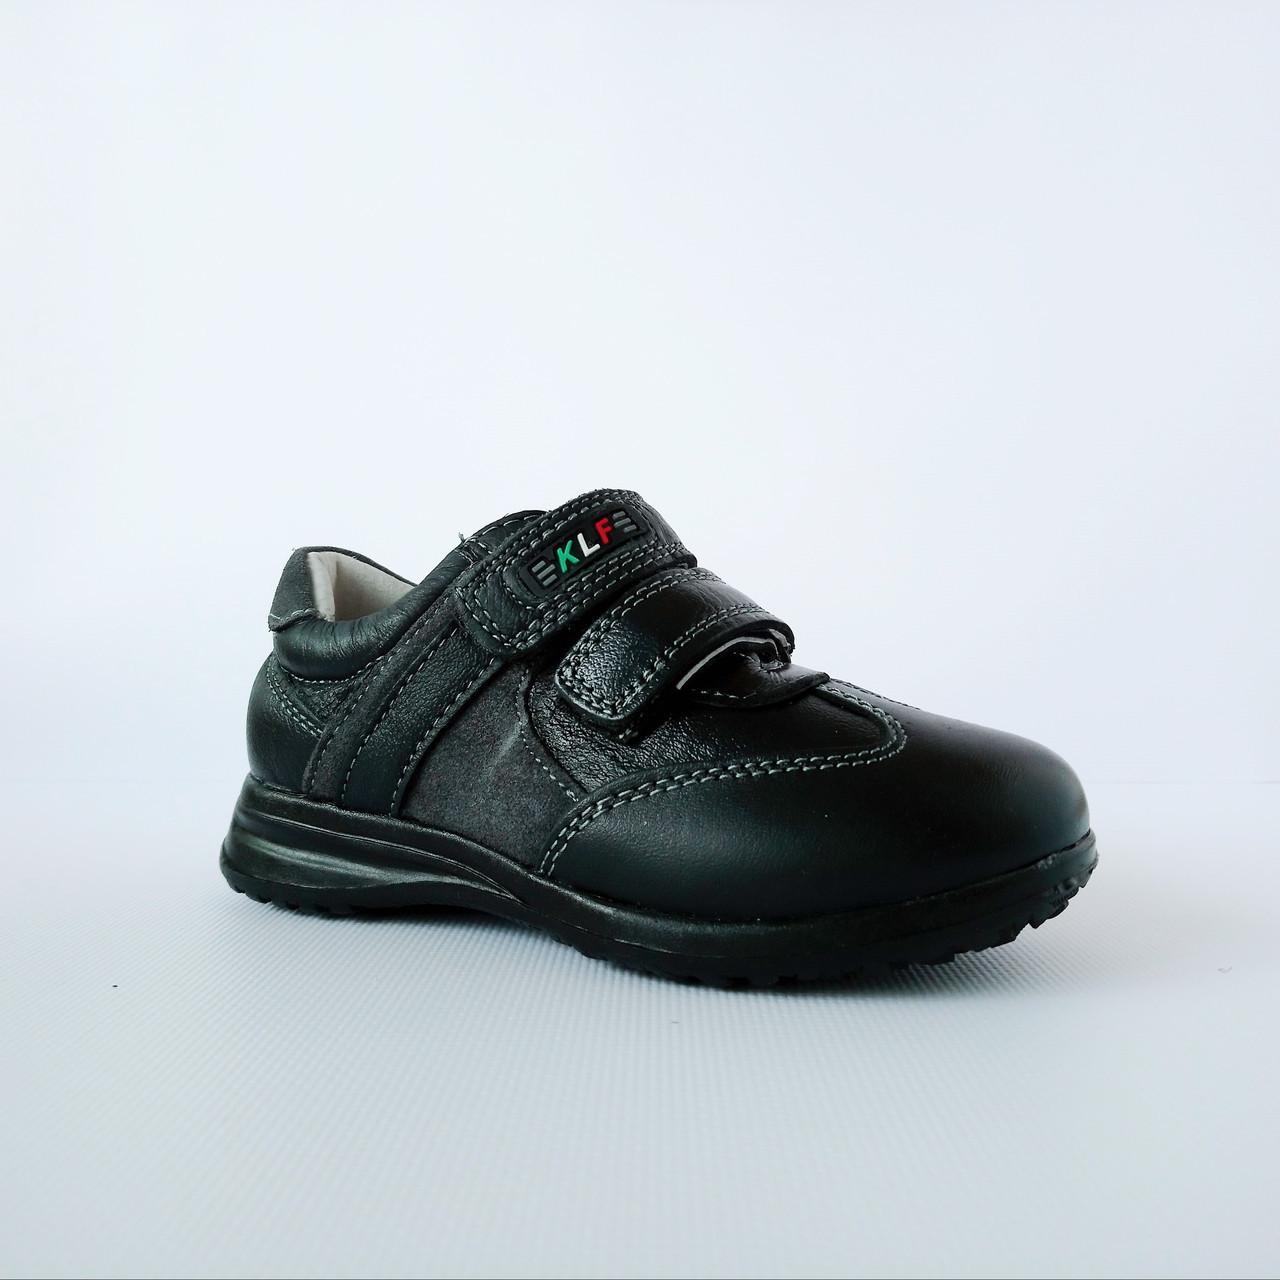 Кожаные демисезонные кроссовки мальчикам,  р. 26, 27, 28, 29 . Черные